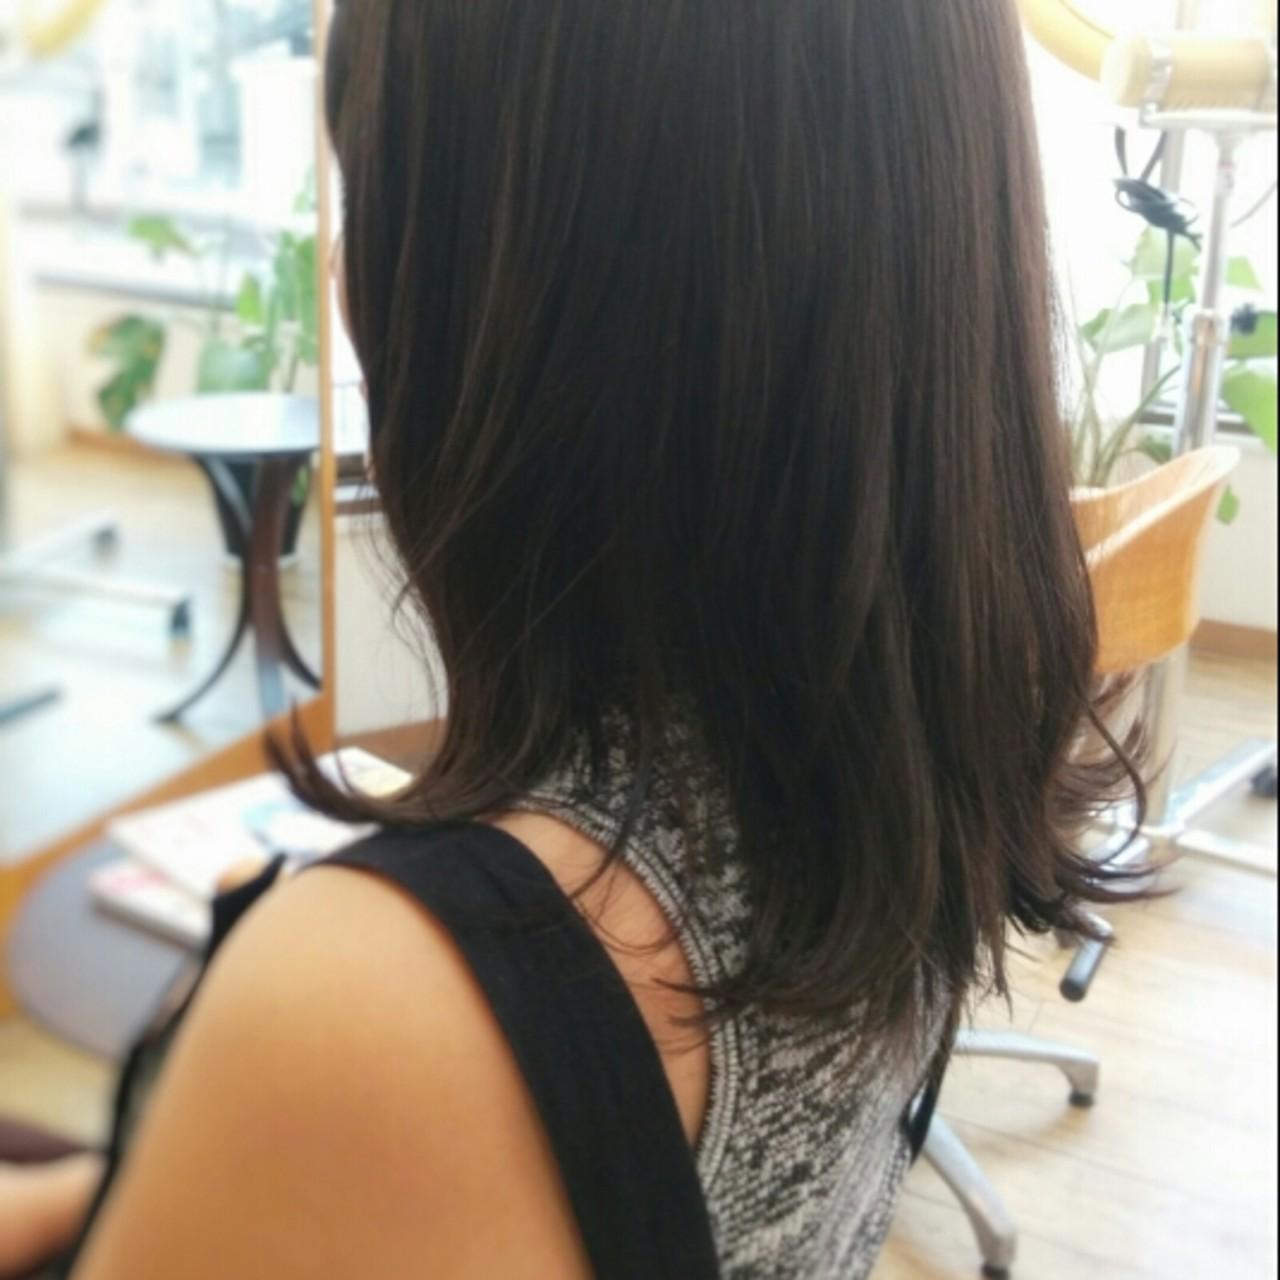 ミディアム 暗髪 ストリート くせ毛風 ヘアスタイルや髪型の写真・画像